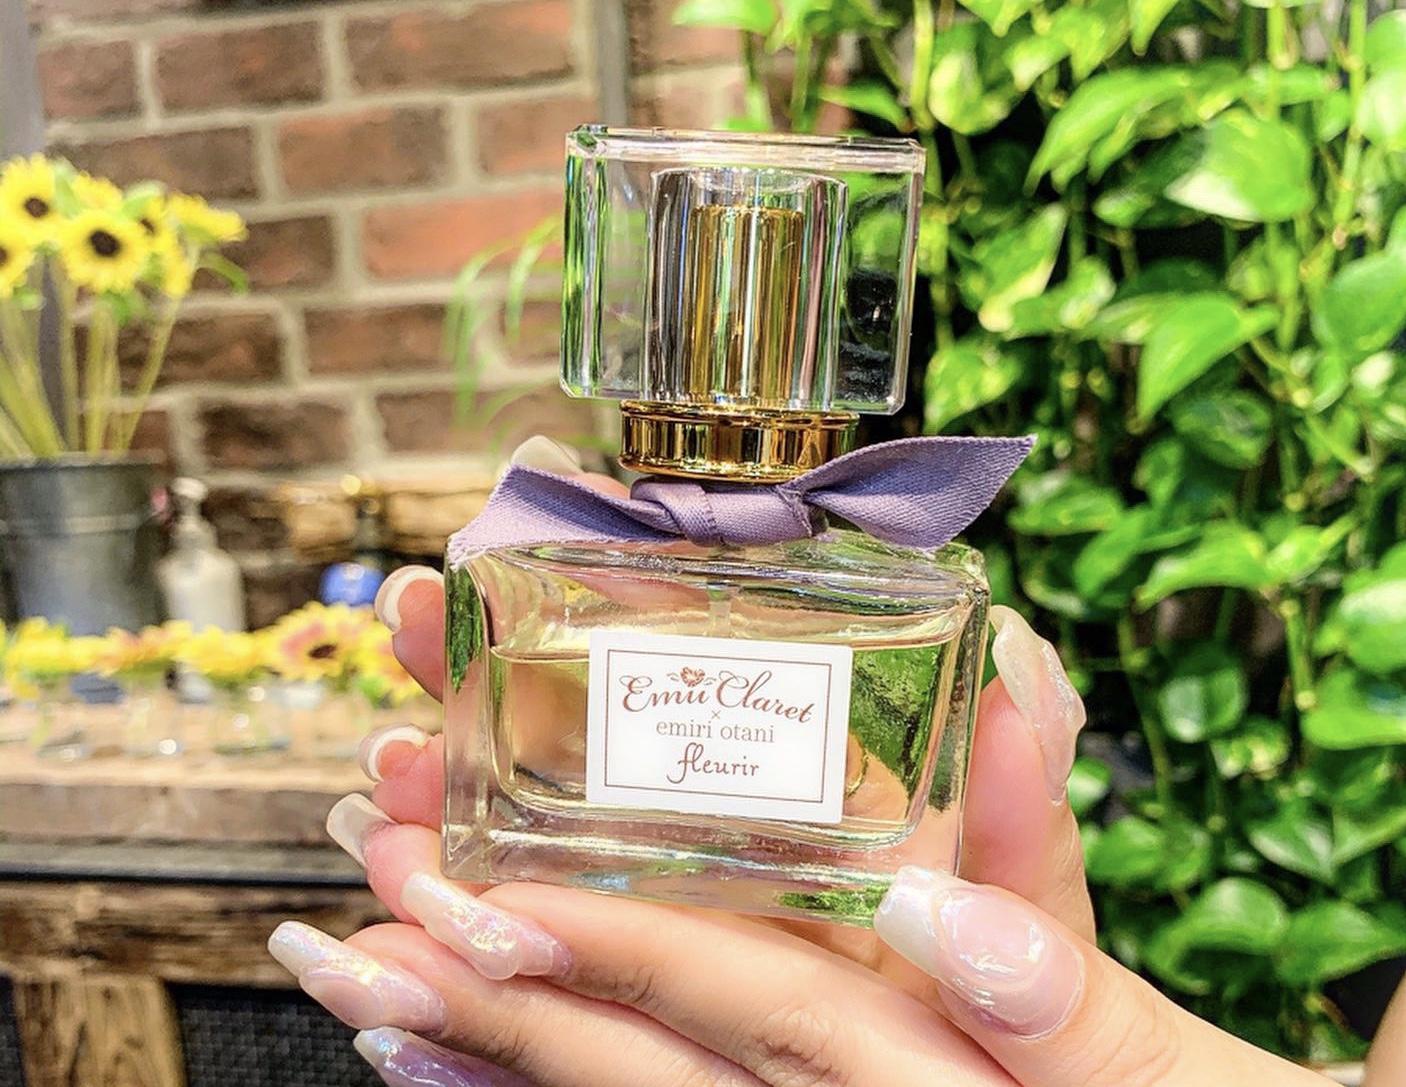 大谷映美里さんとのコラボ香水